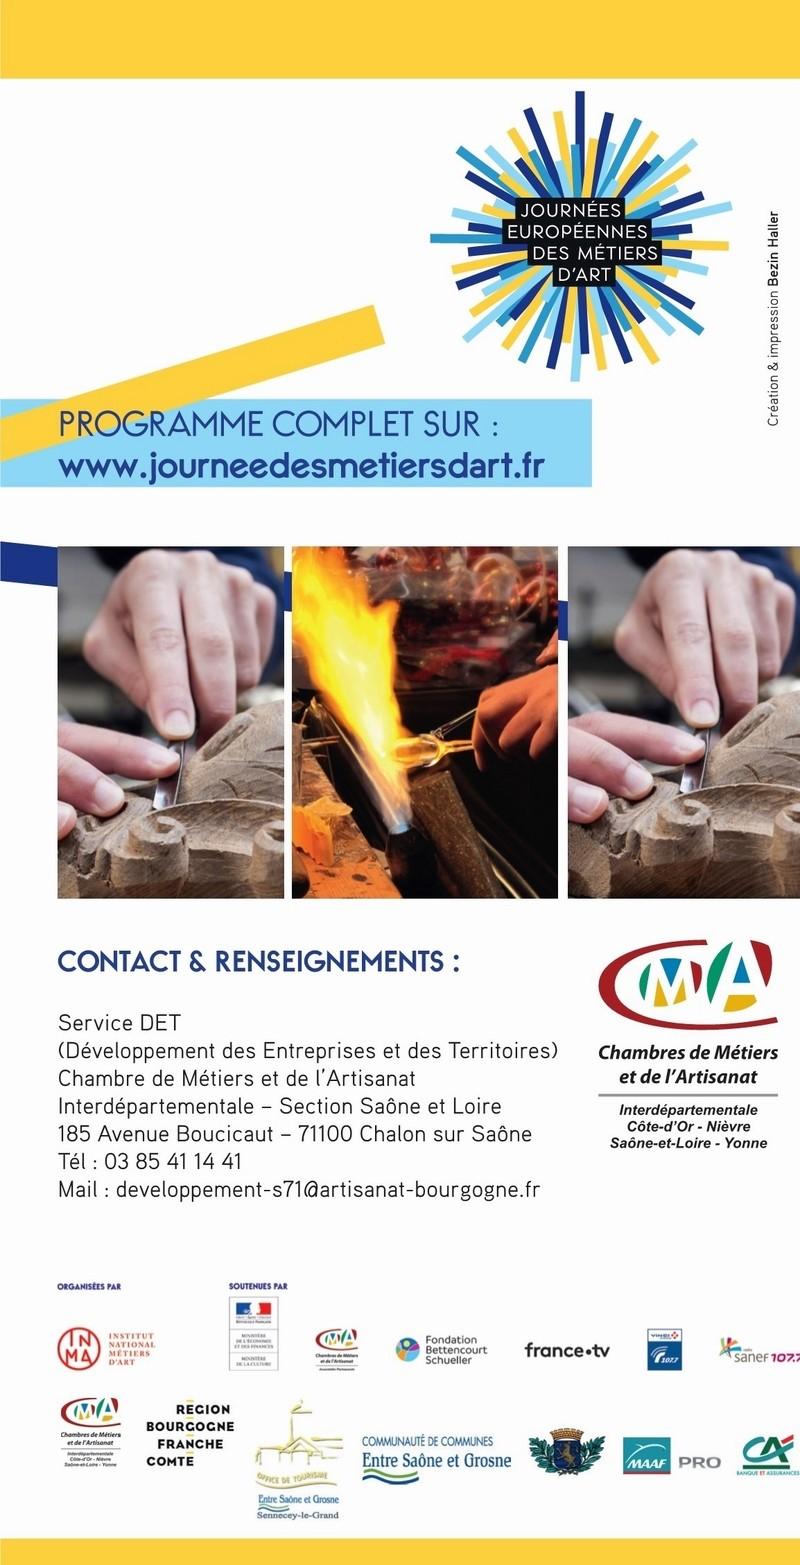 Inauguration Brancion & Les métiers d'art au village de Brancion 7 et 8 avril 2018 30_cop10